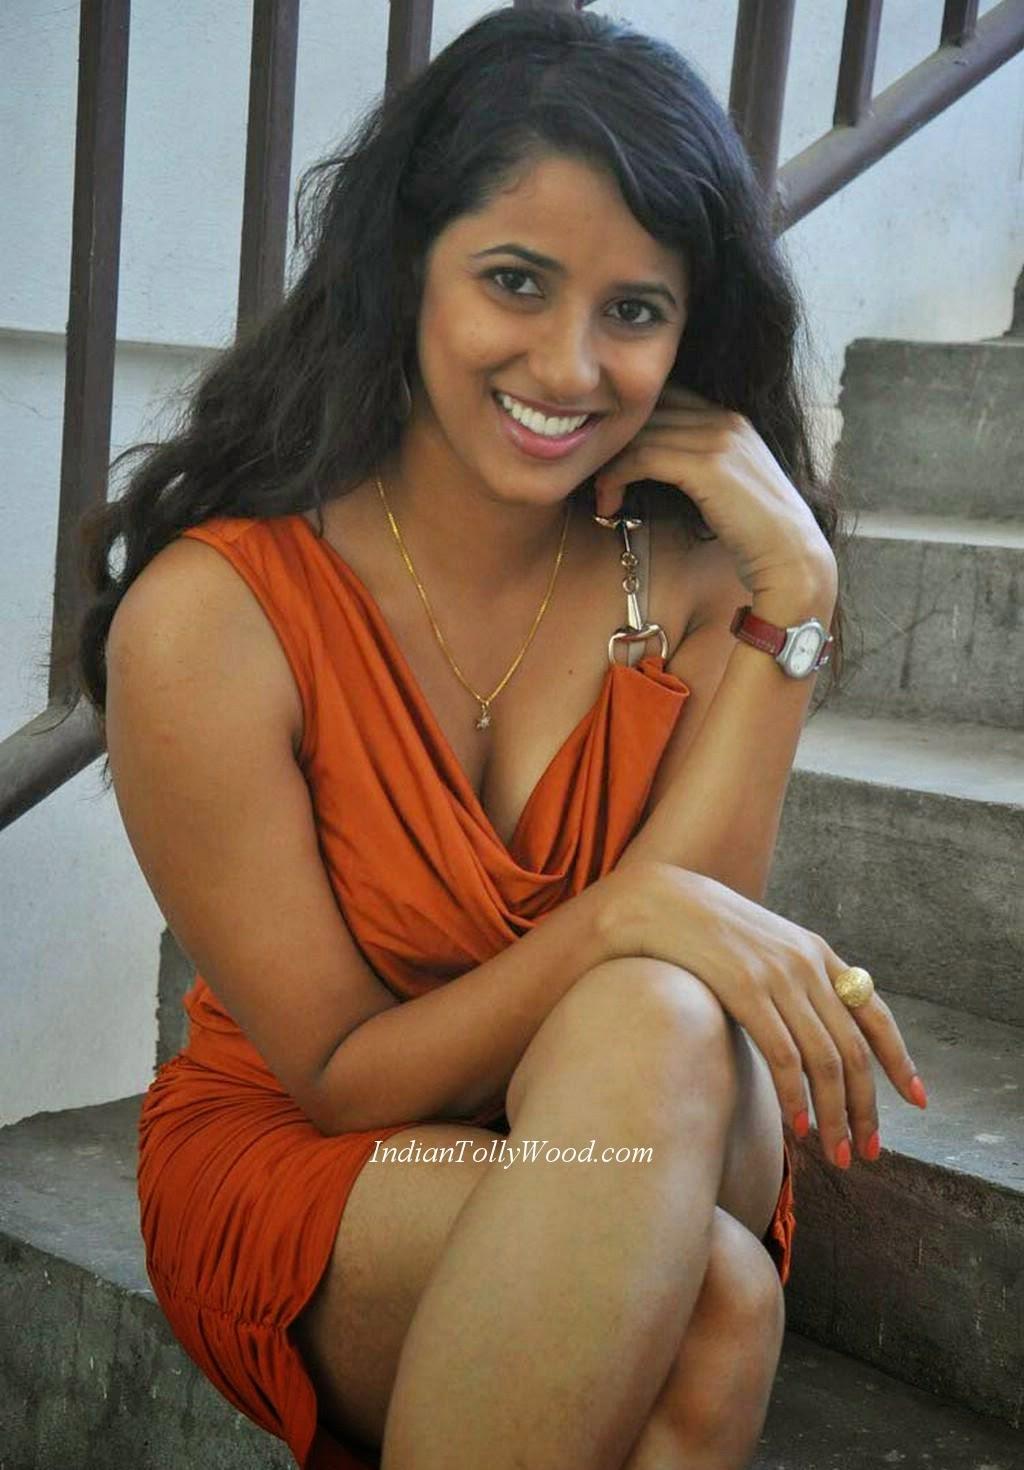 Indian Garam Masala: Sravya Reddy spicy Hot thunder thighs ...